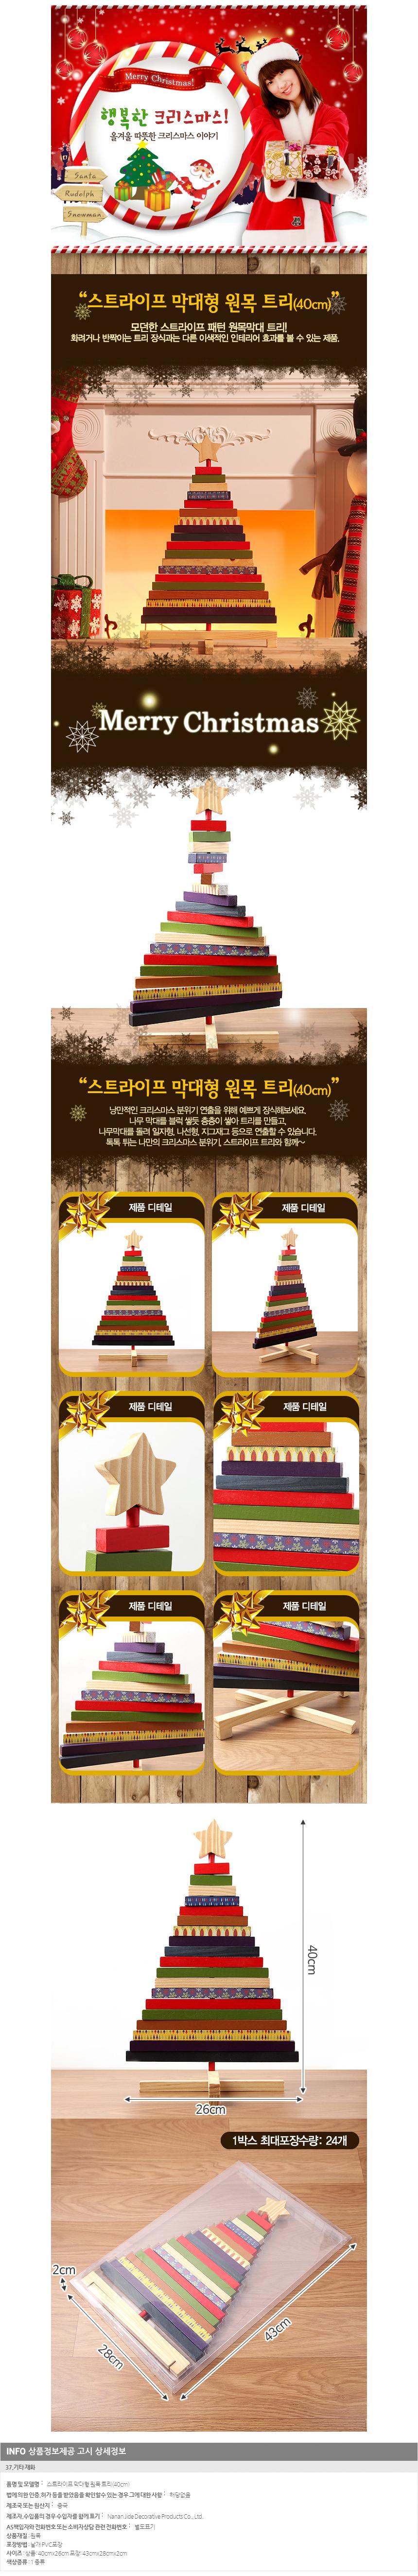 레인보우 크리스마스 원목 탁사트리/카페용 미니트리 - 기프트갓, 13,200원, 트리, 트리